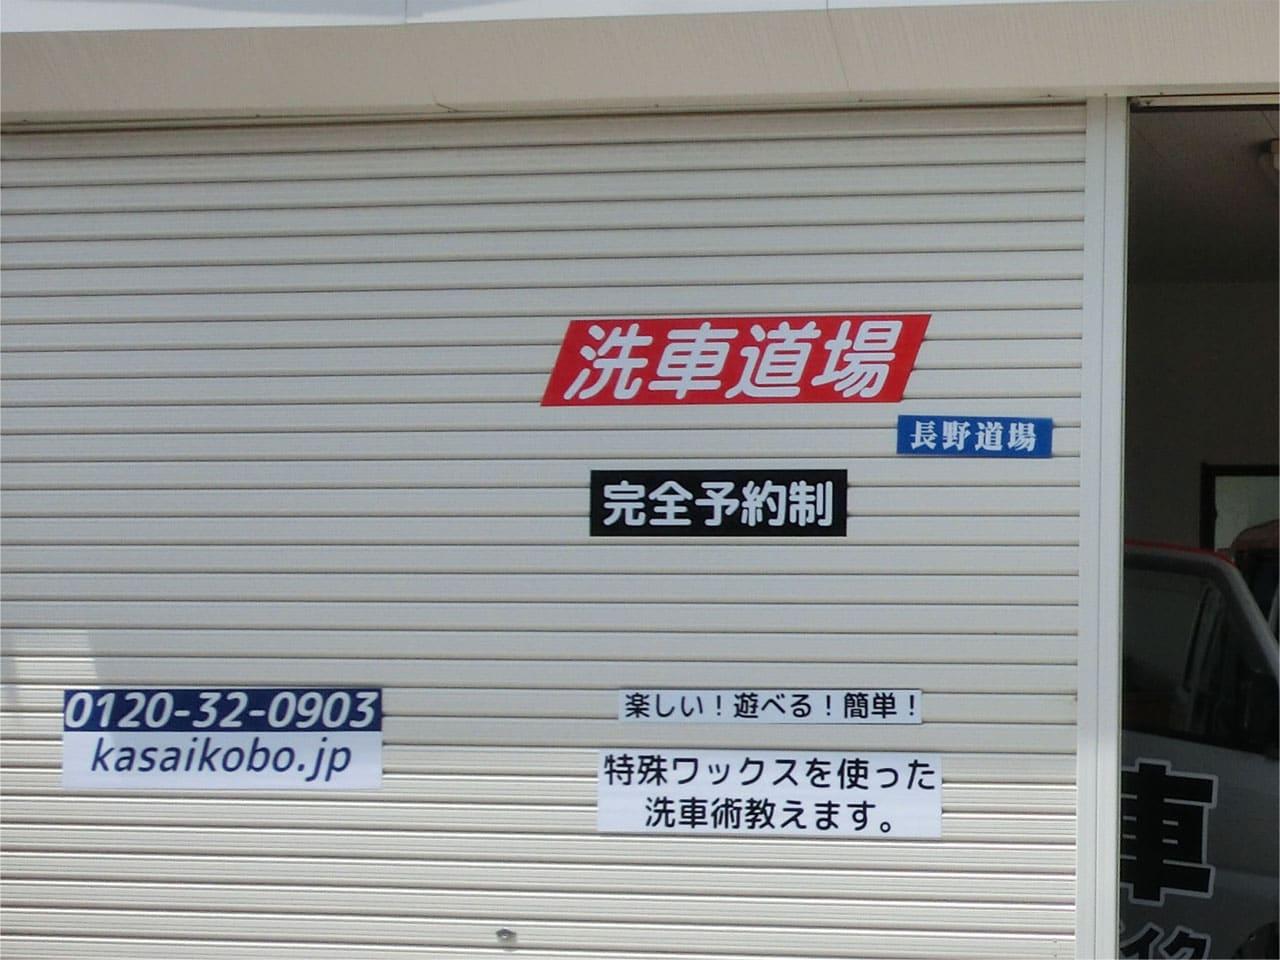 沖縄の前に長野道場で!